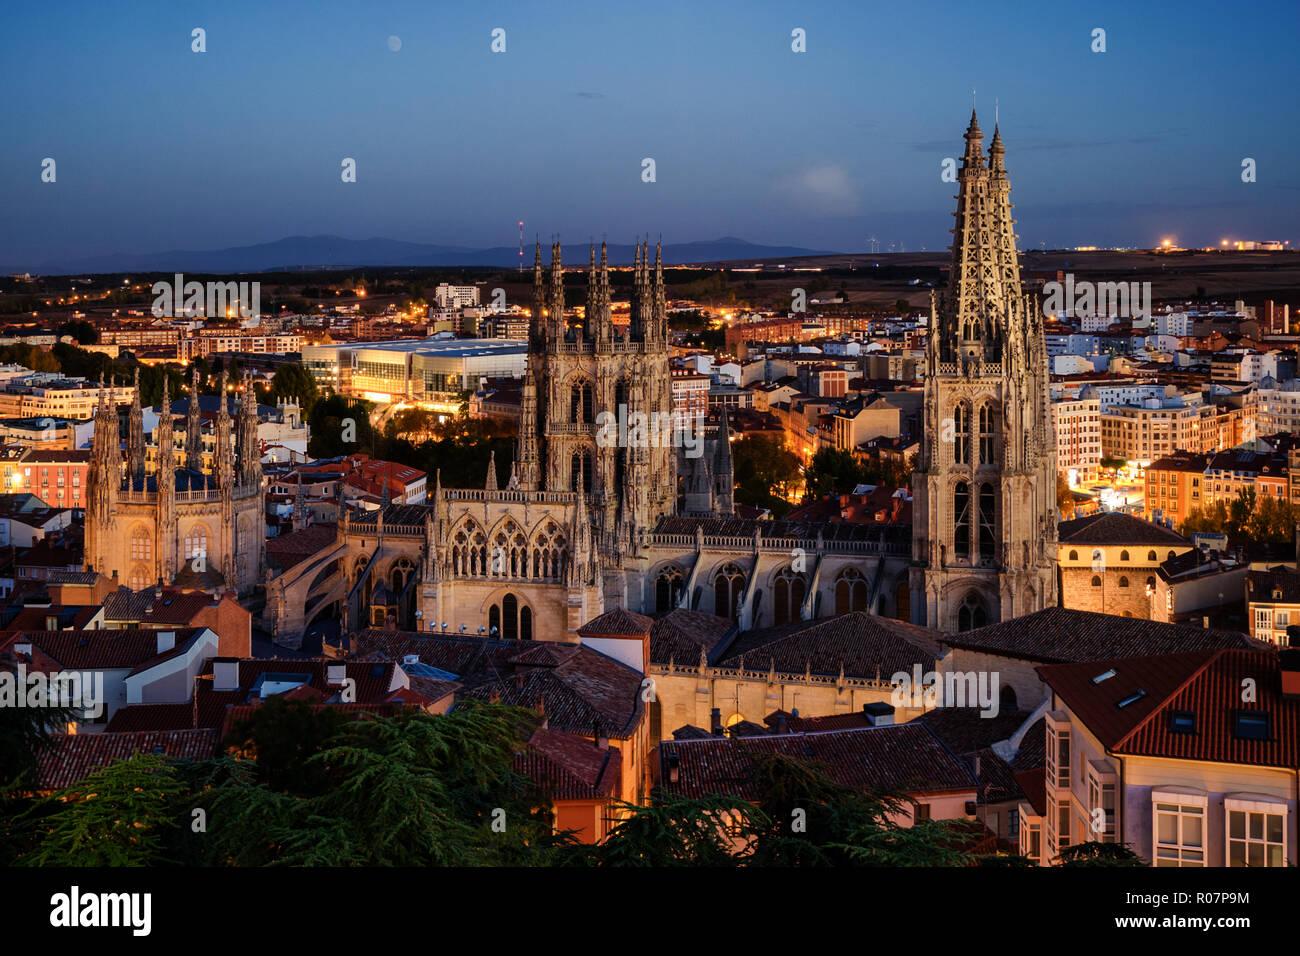 Tiempo de mezclado sunset/vista nocturna de la ciudad y de la catedral de Burgos, en España Foto de stock